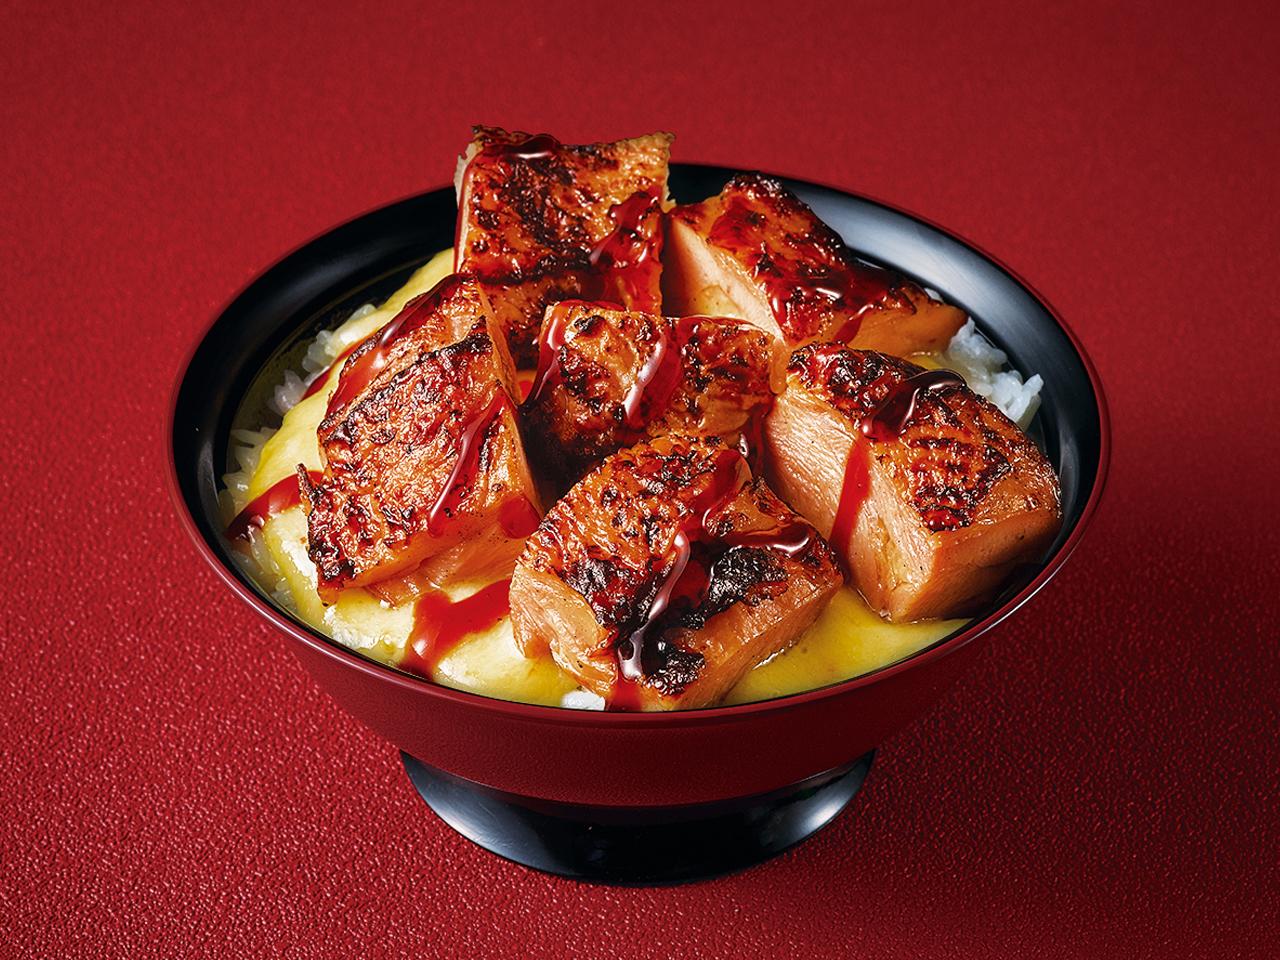 【T32】とろーりチーズのきじ焼き丼   並盛り